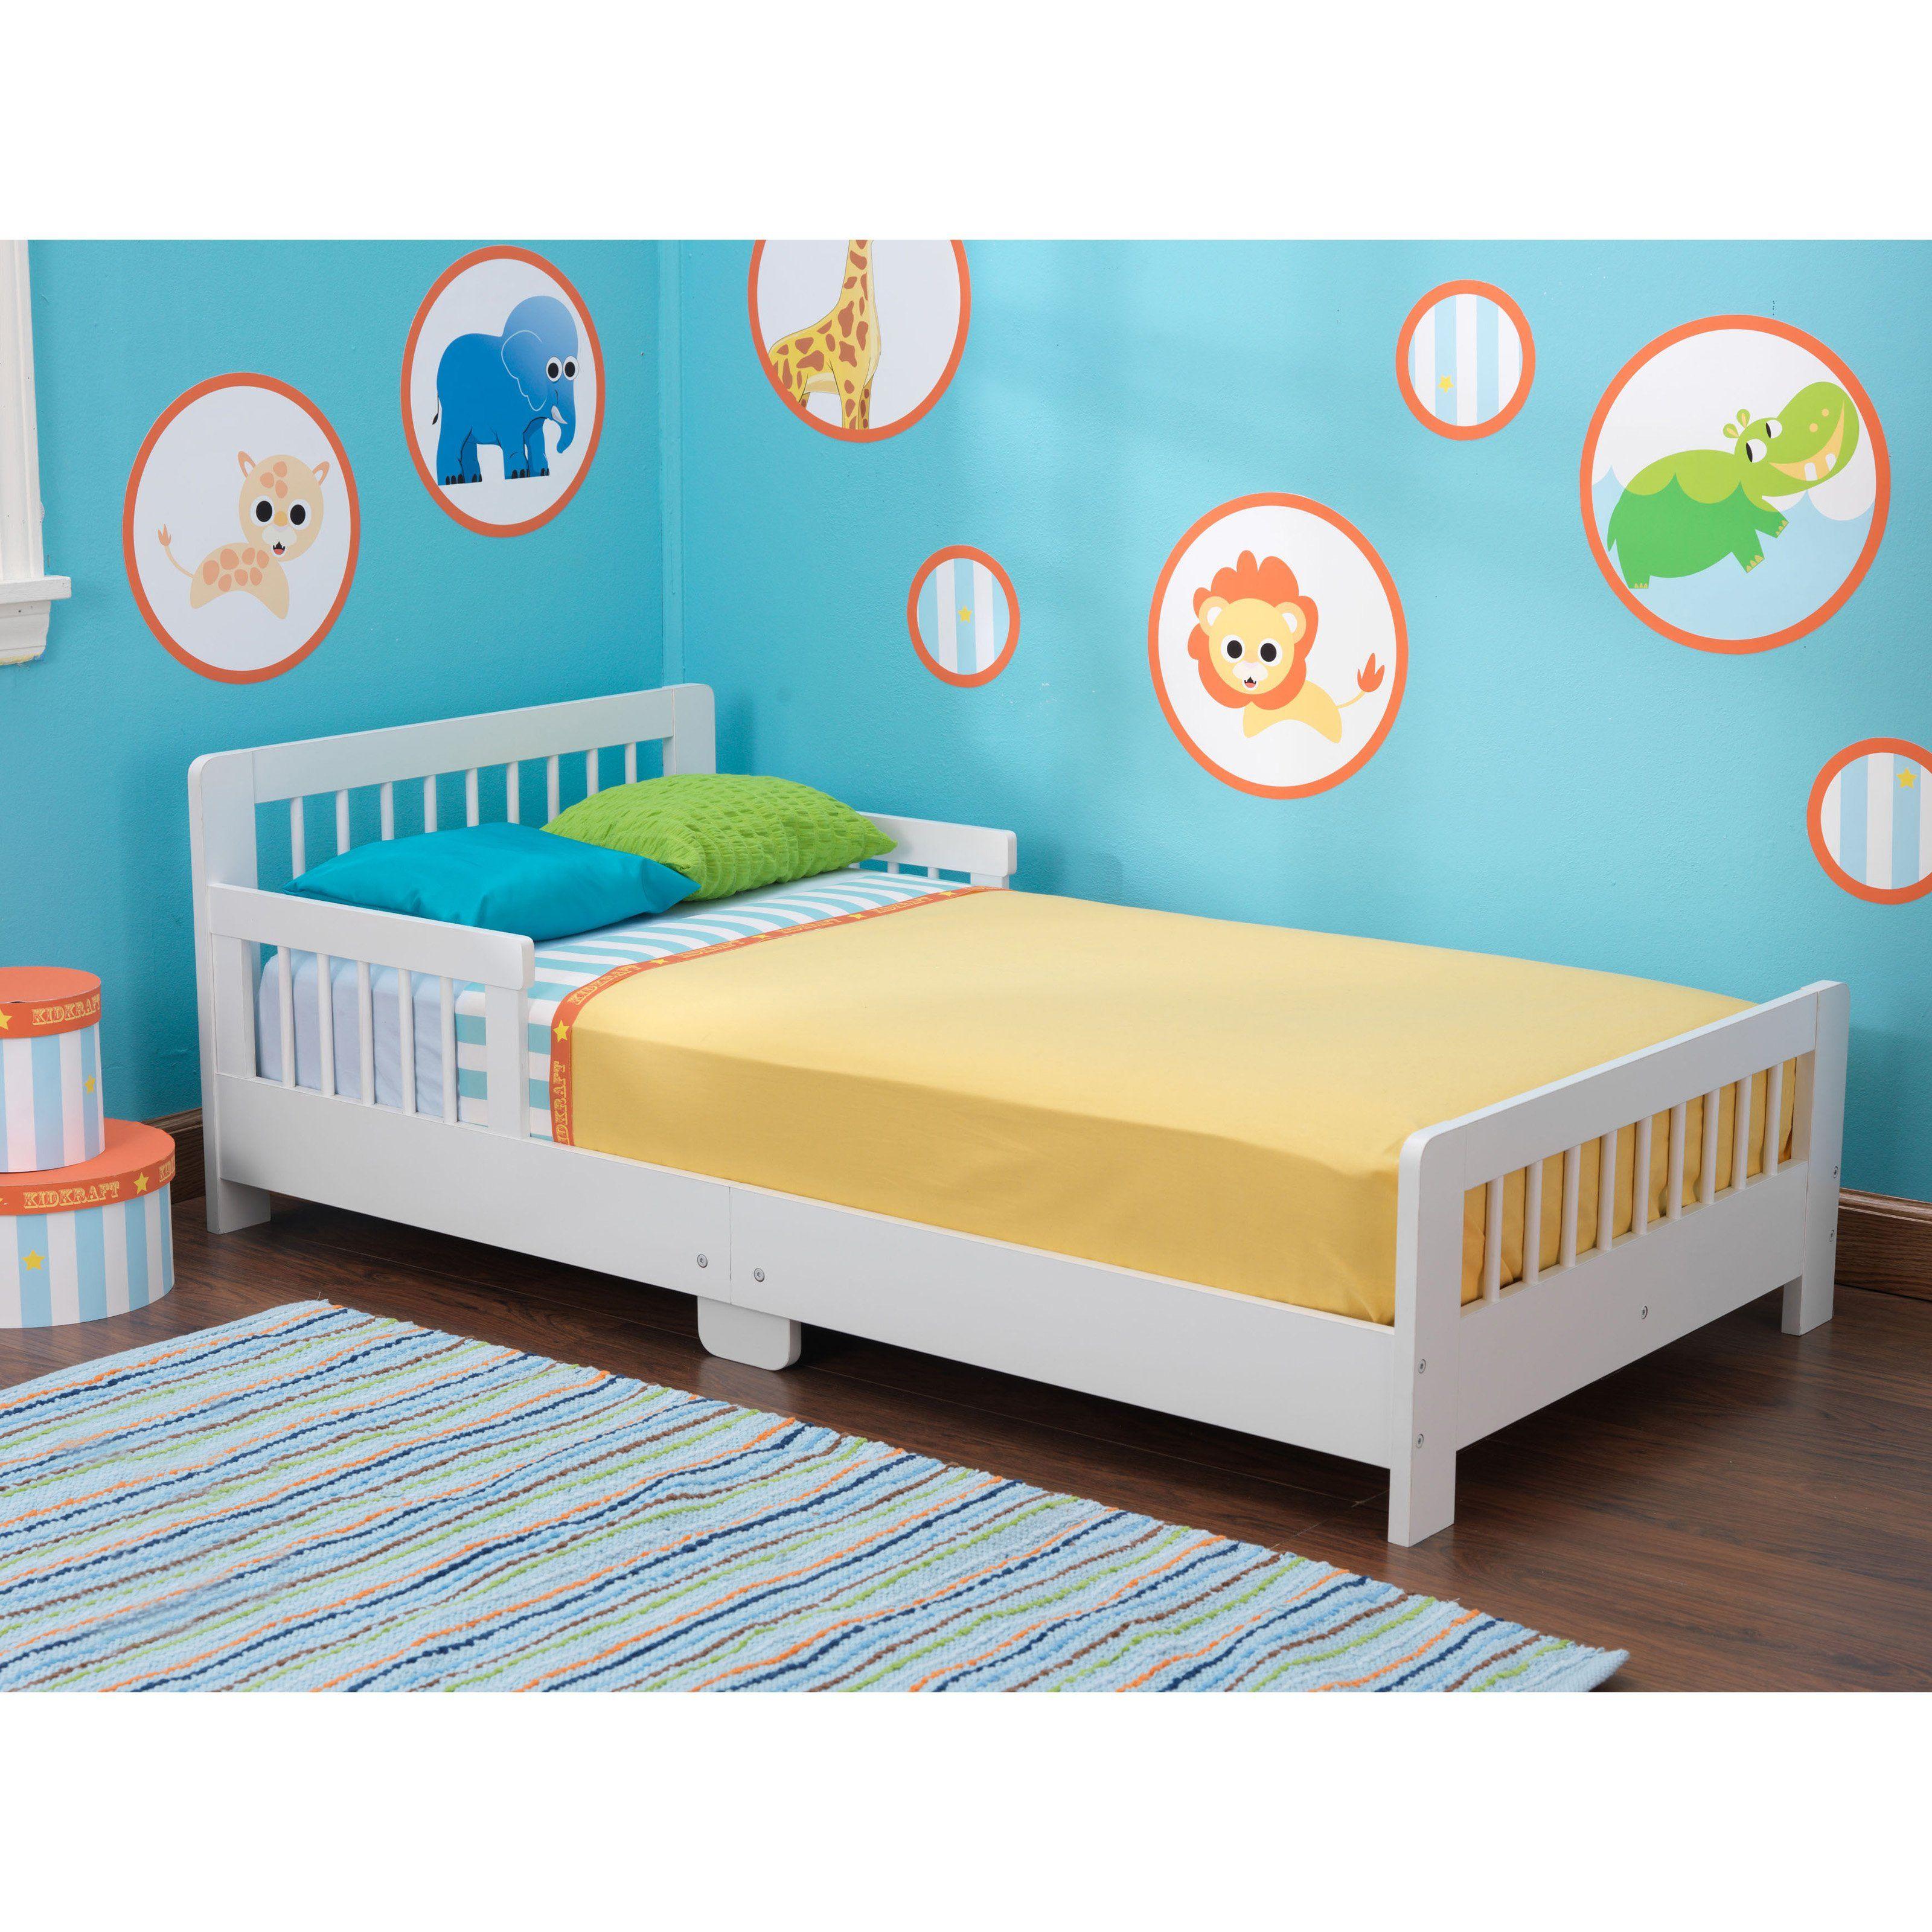 Kidkraft Slatted Toddler Bed White 109 99 Kid Beds White Toddler Bed Toddler Bed